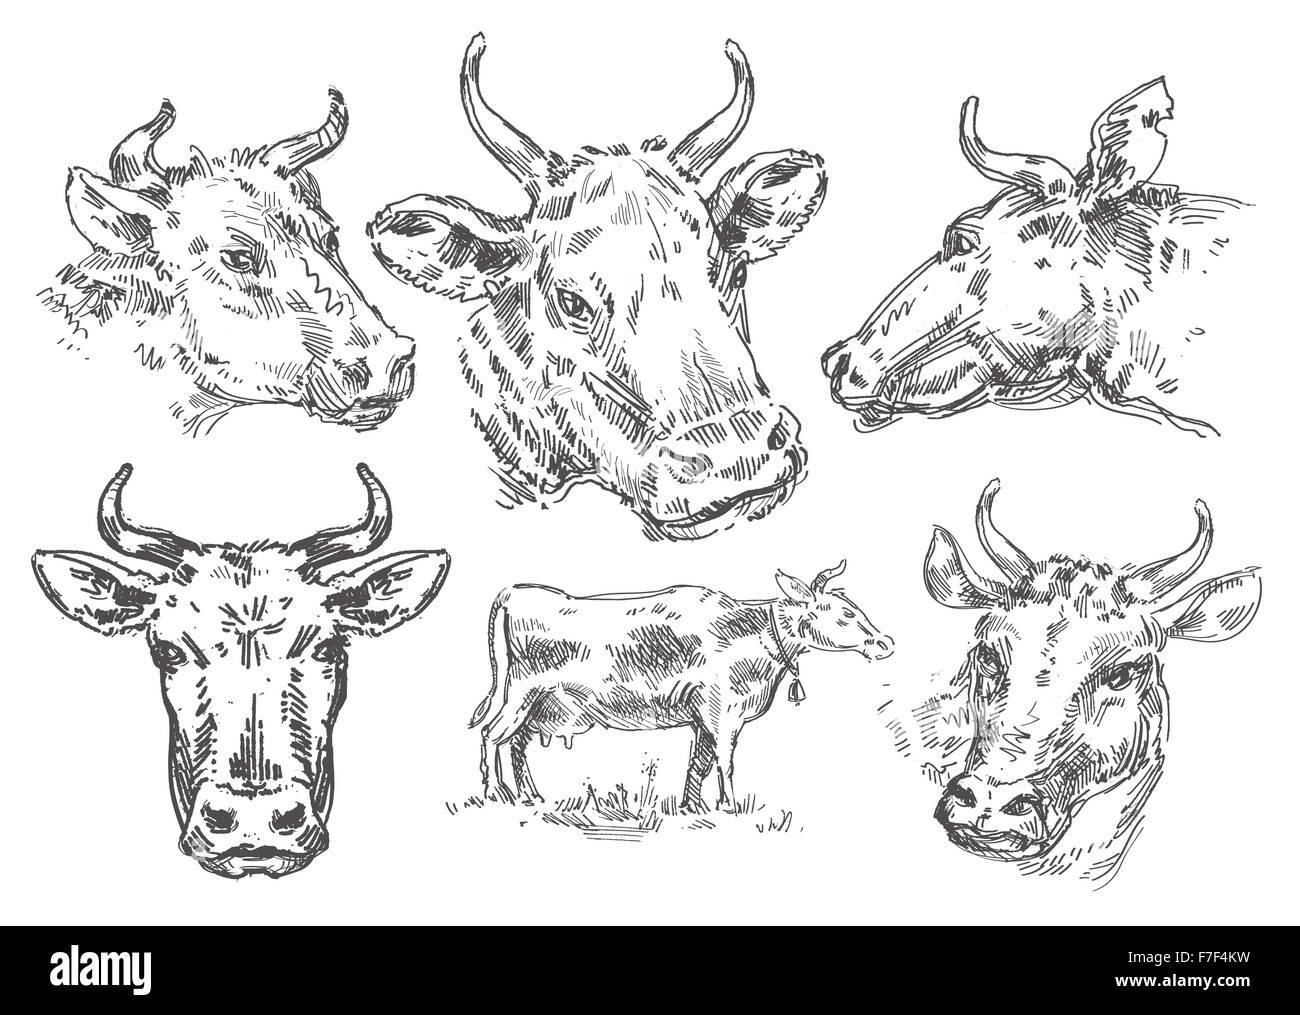 Dibujado a mano boceto de la vaca. Imagen De Stock